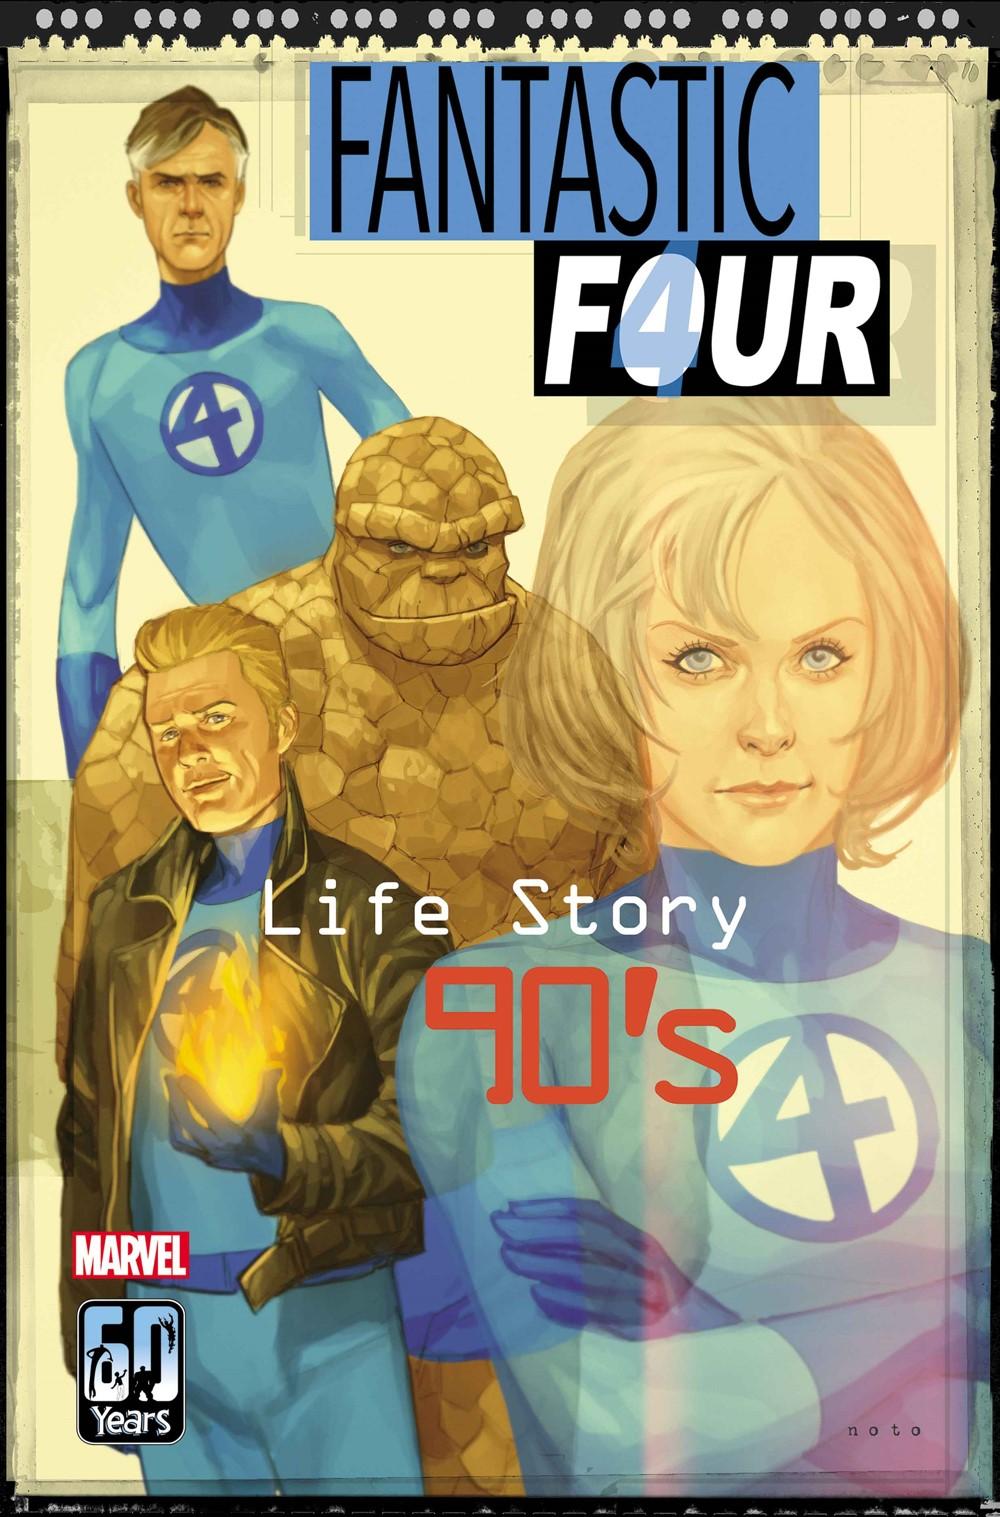 FFLIFESTORY2021004_Noto_Var Marvel Comics September 2021 Solicitations